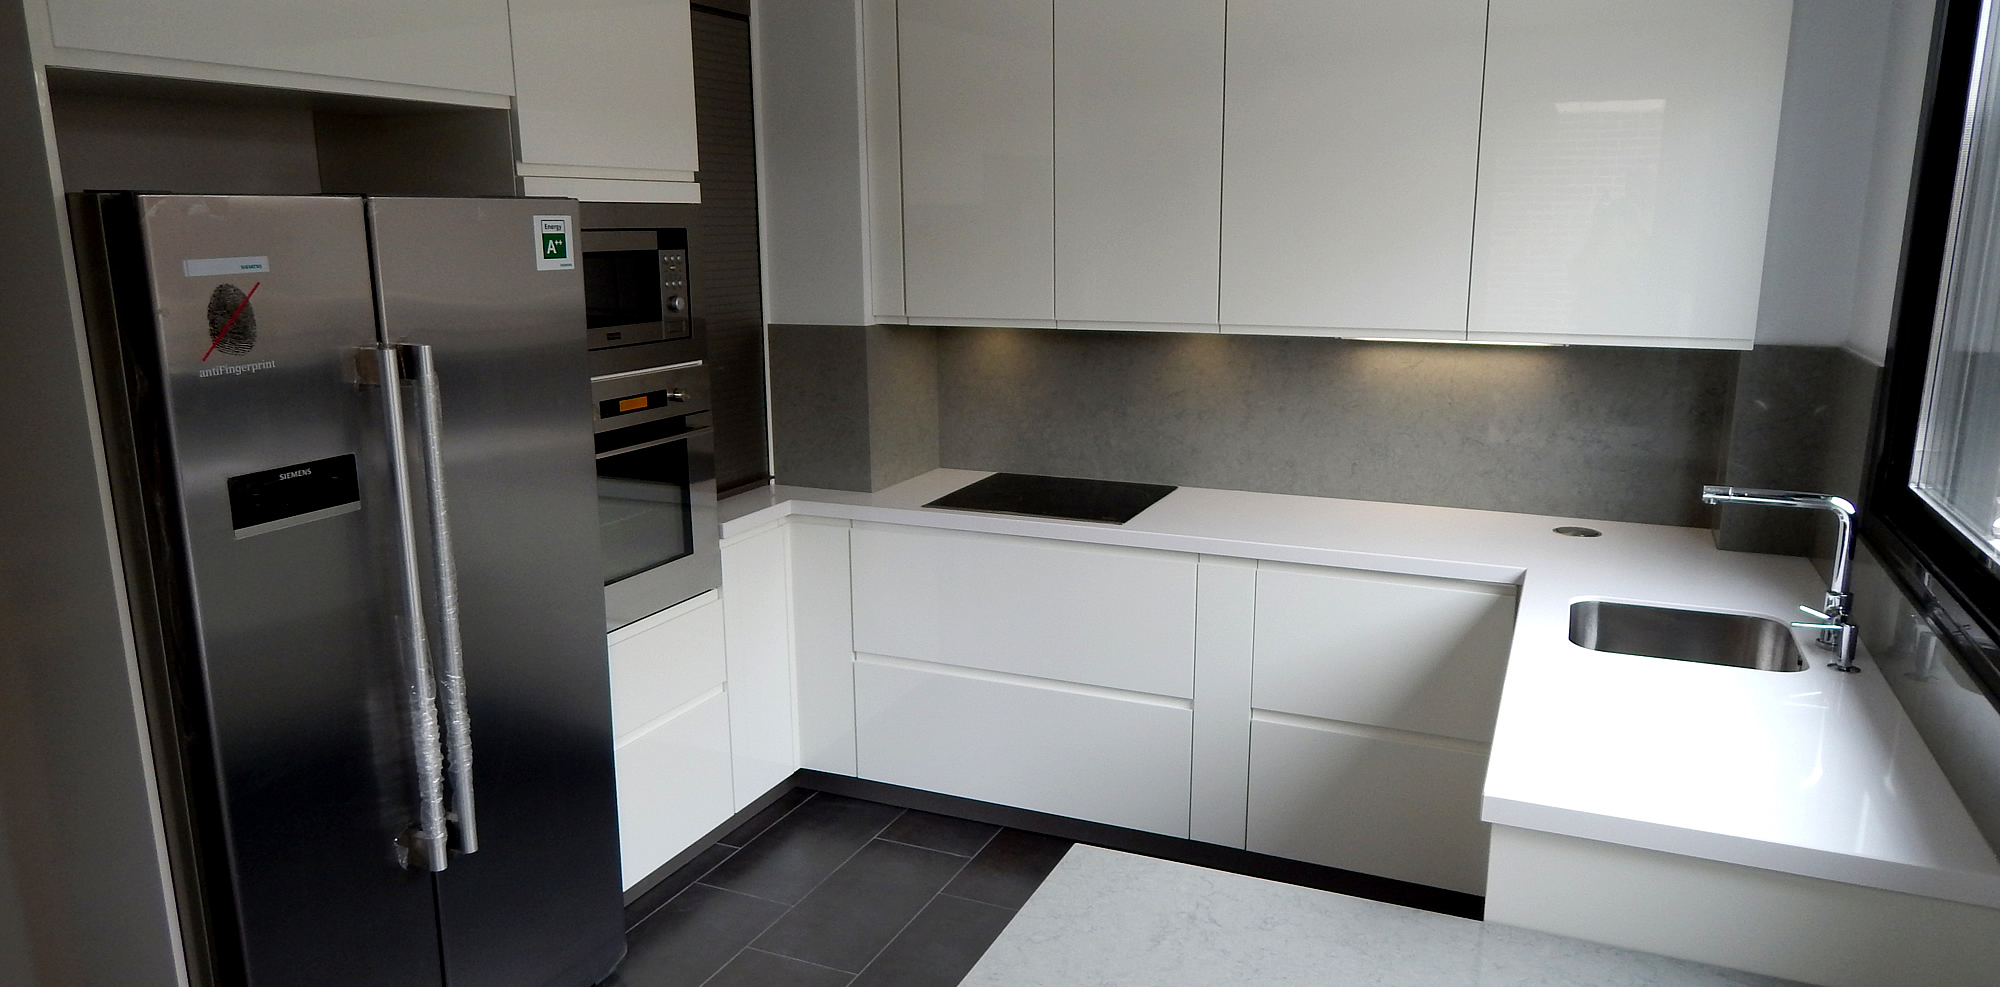 Muebles de cocina modelo 5025 - Cocinas en arganda del rey ...